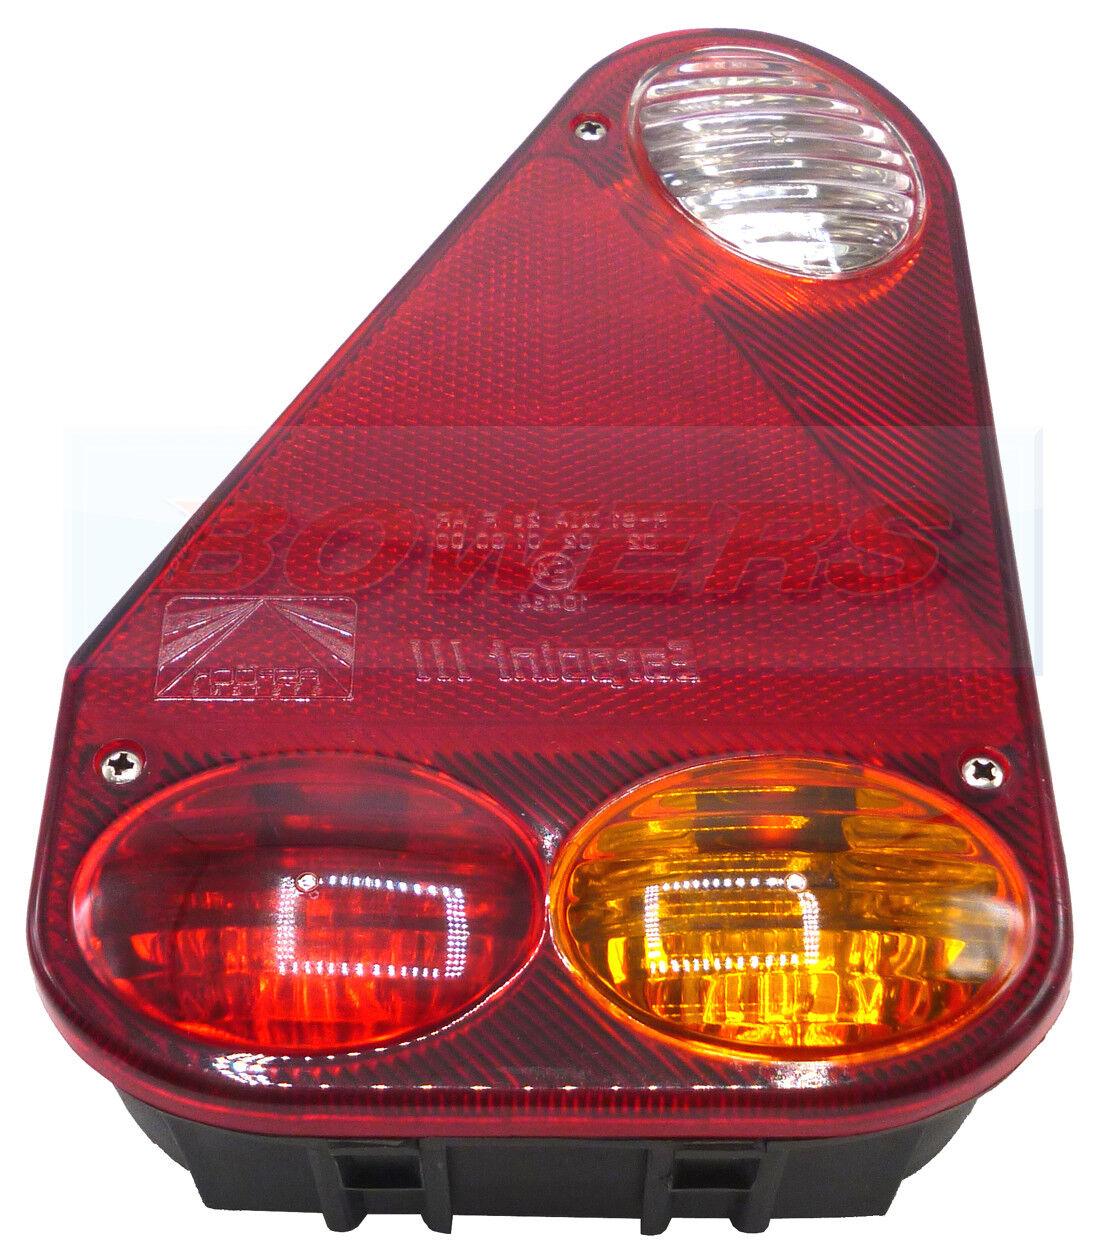 Aspock Earpoint 3 Iii Rear L  H Tail Light Lamp   Reverse